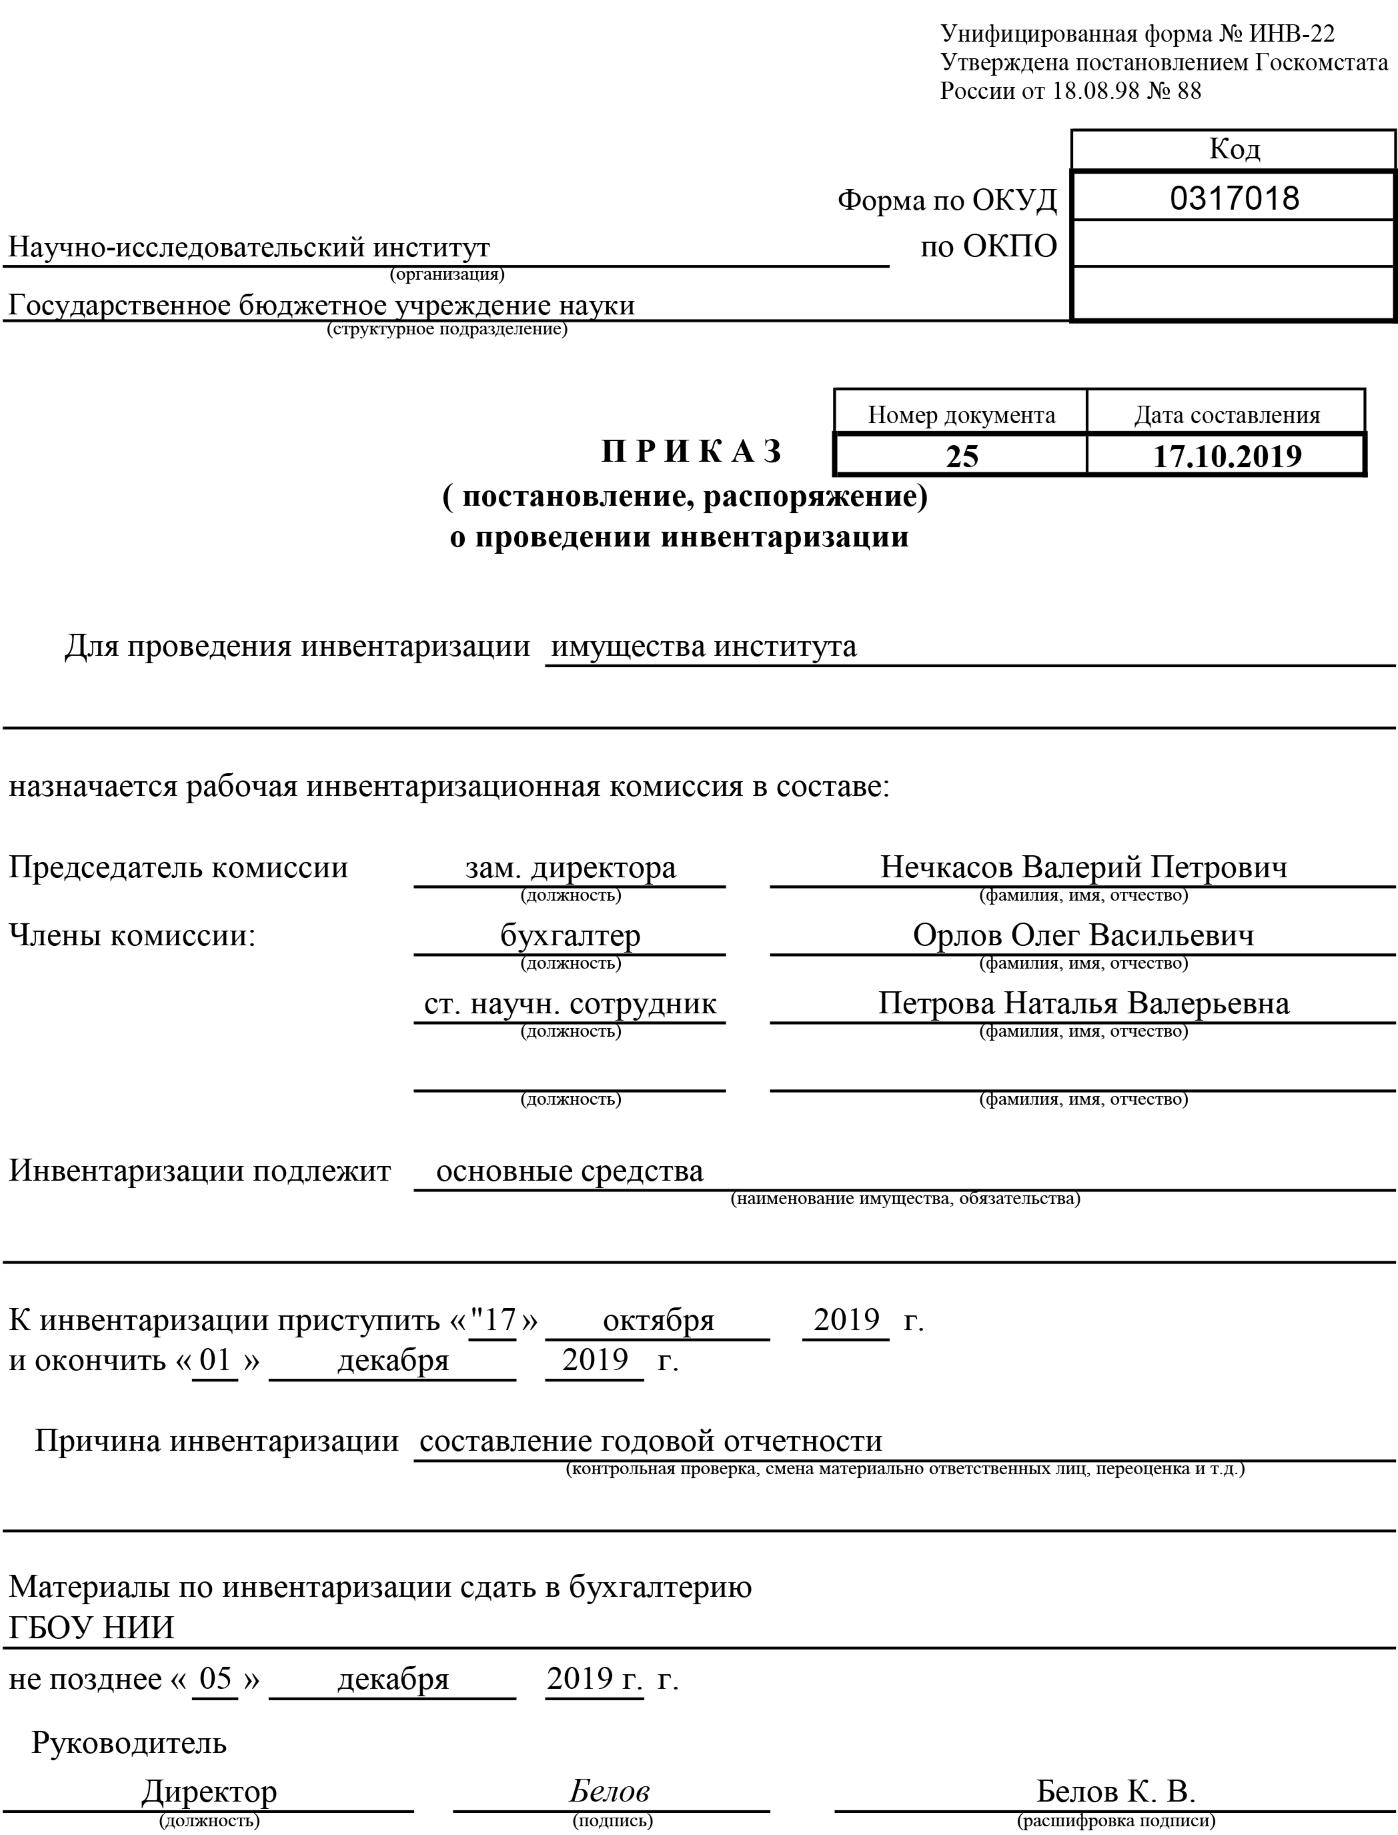 Заявление на переселение соотечественников в россию